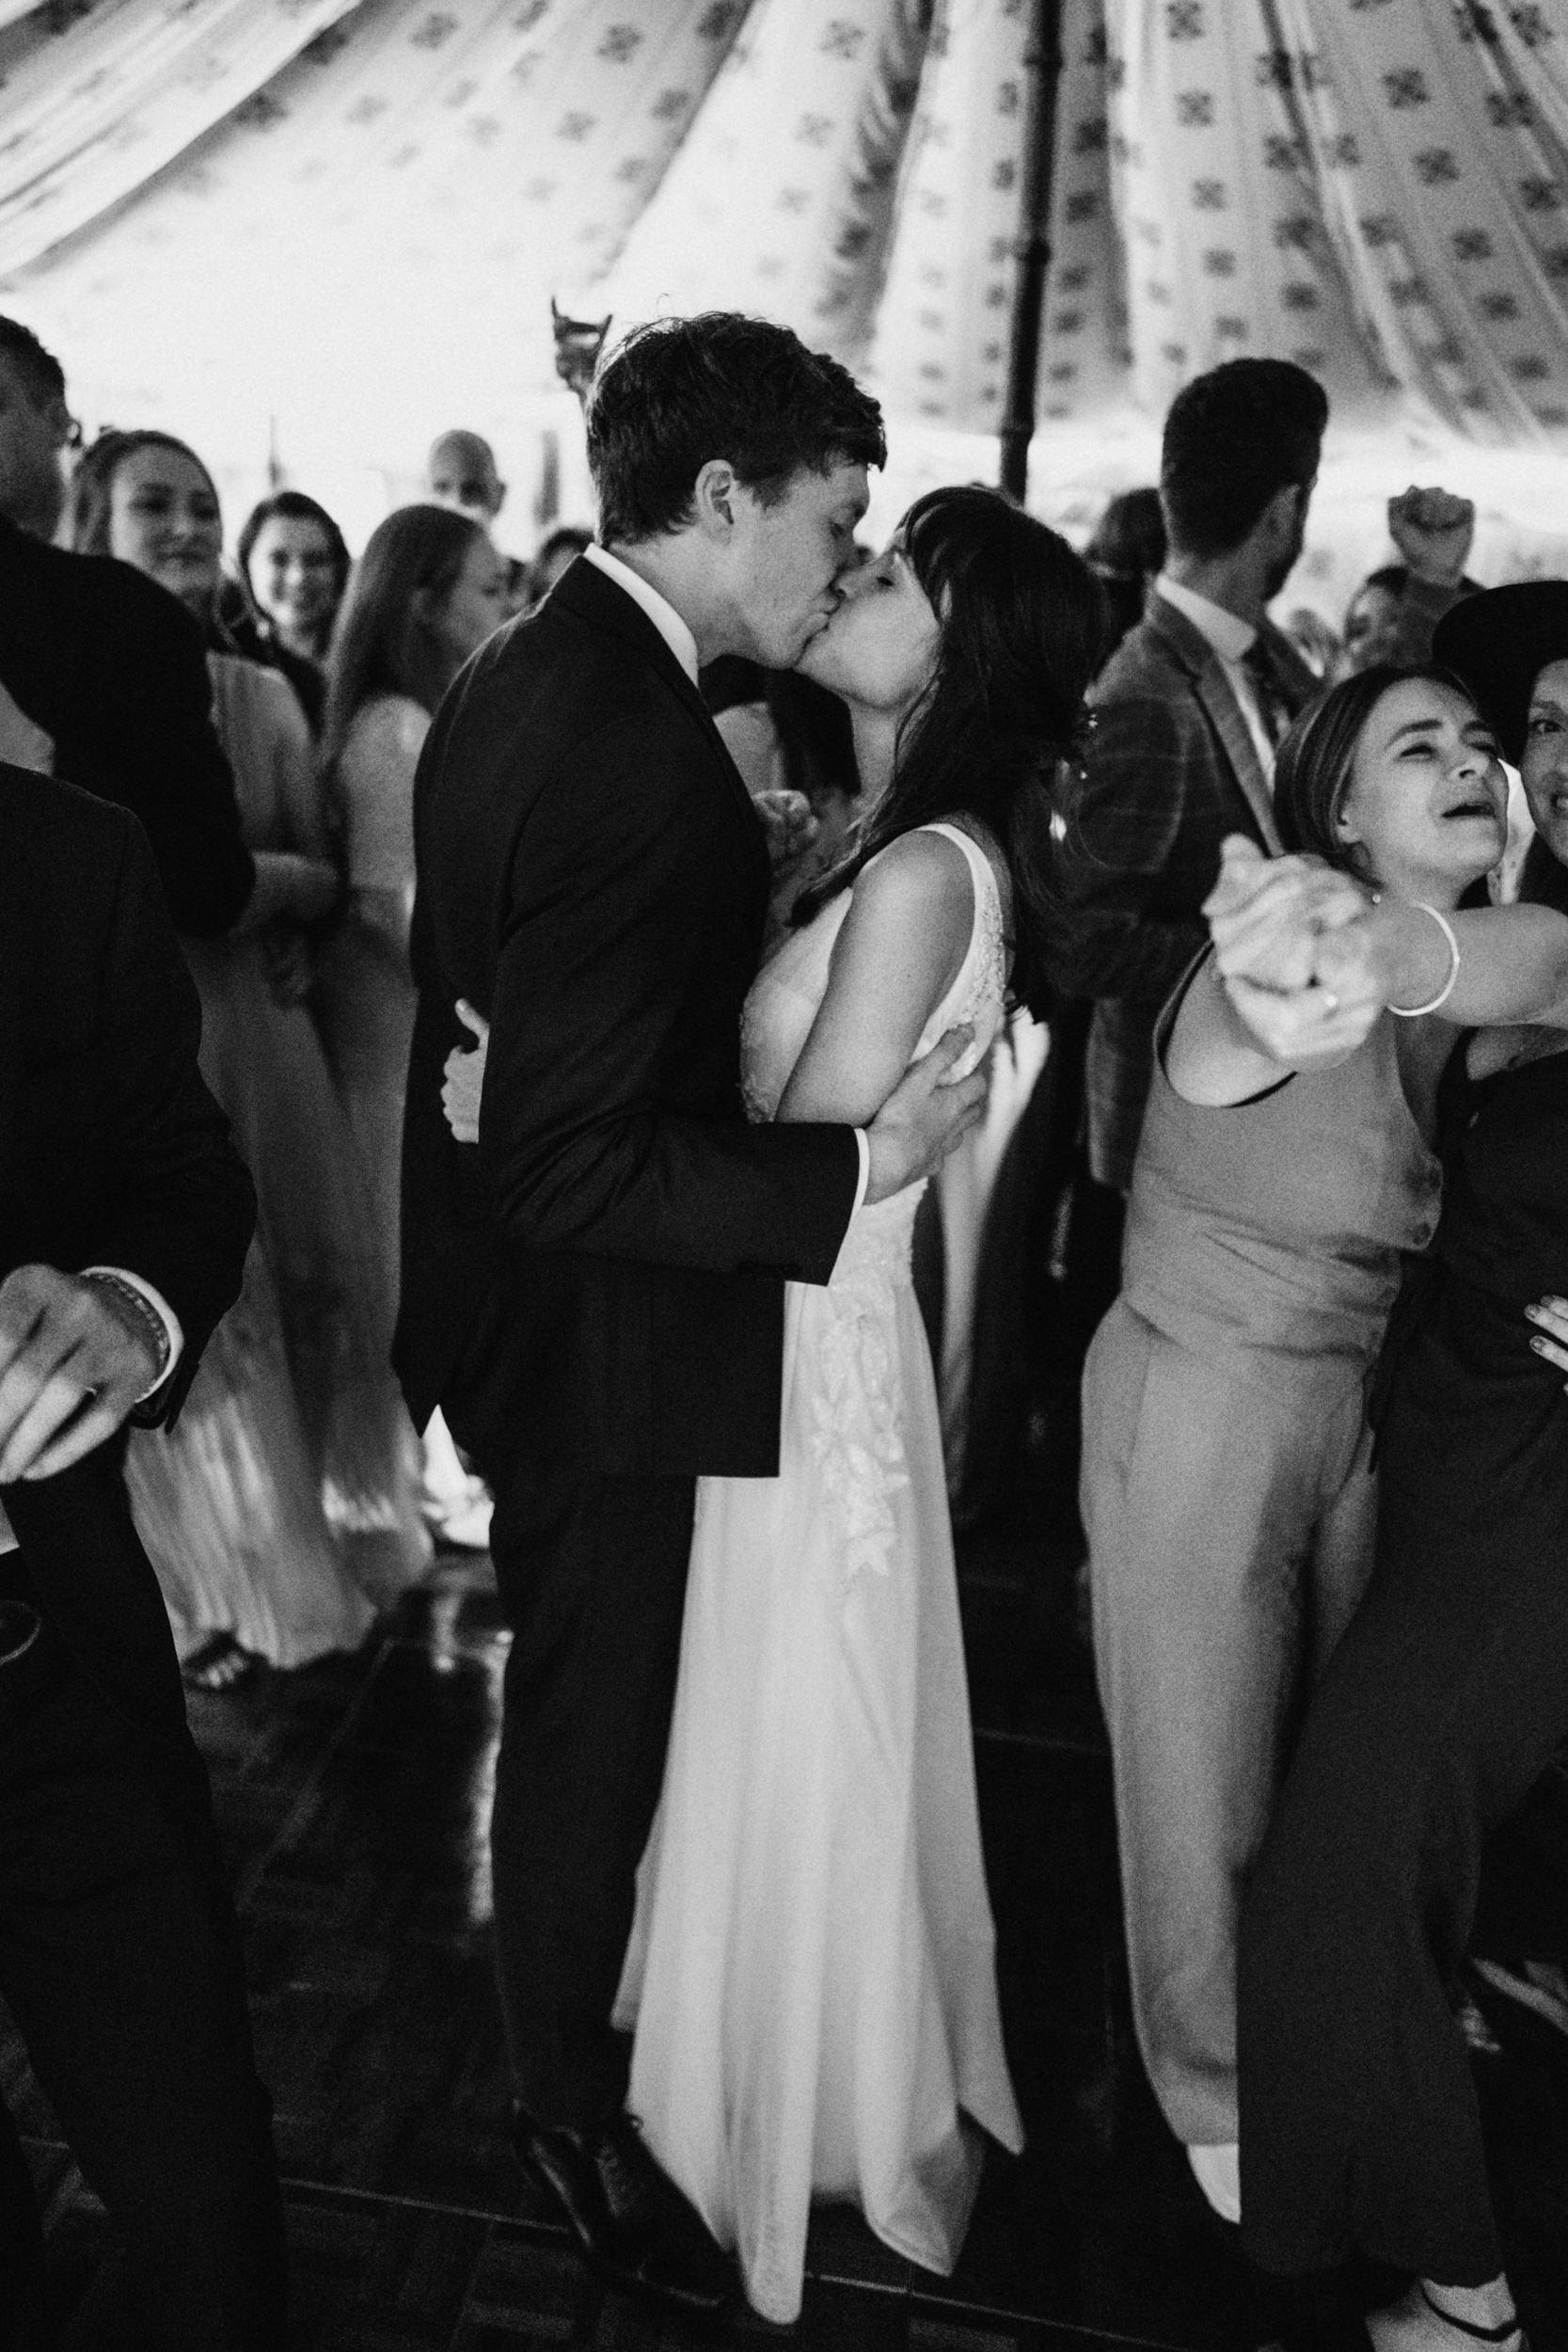 new married couple kiss on the dancefloor